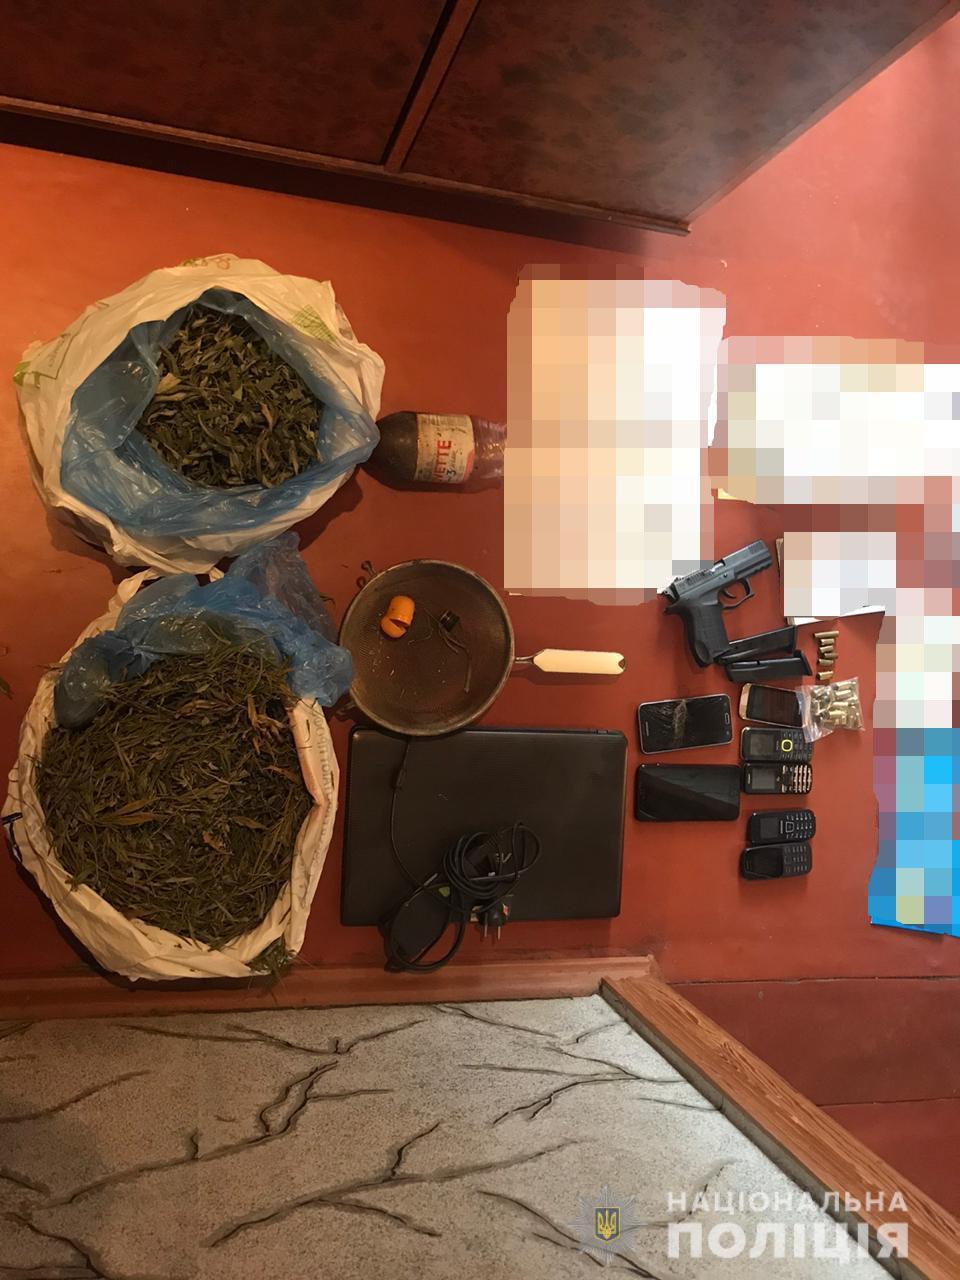 Интернет-магазин по продаже наркотиков, действующий по всей Украине, прикрыли в Харькове (фото)